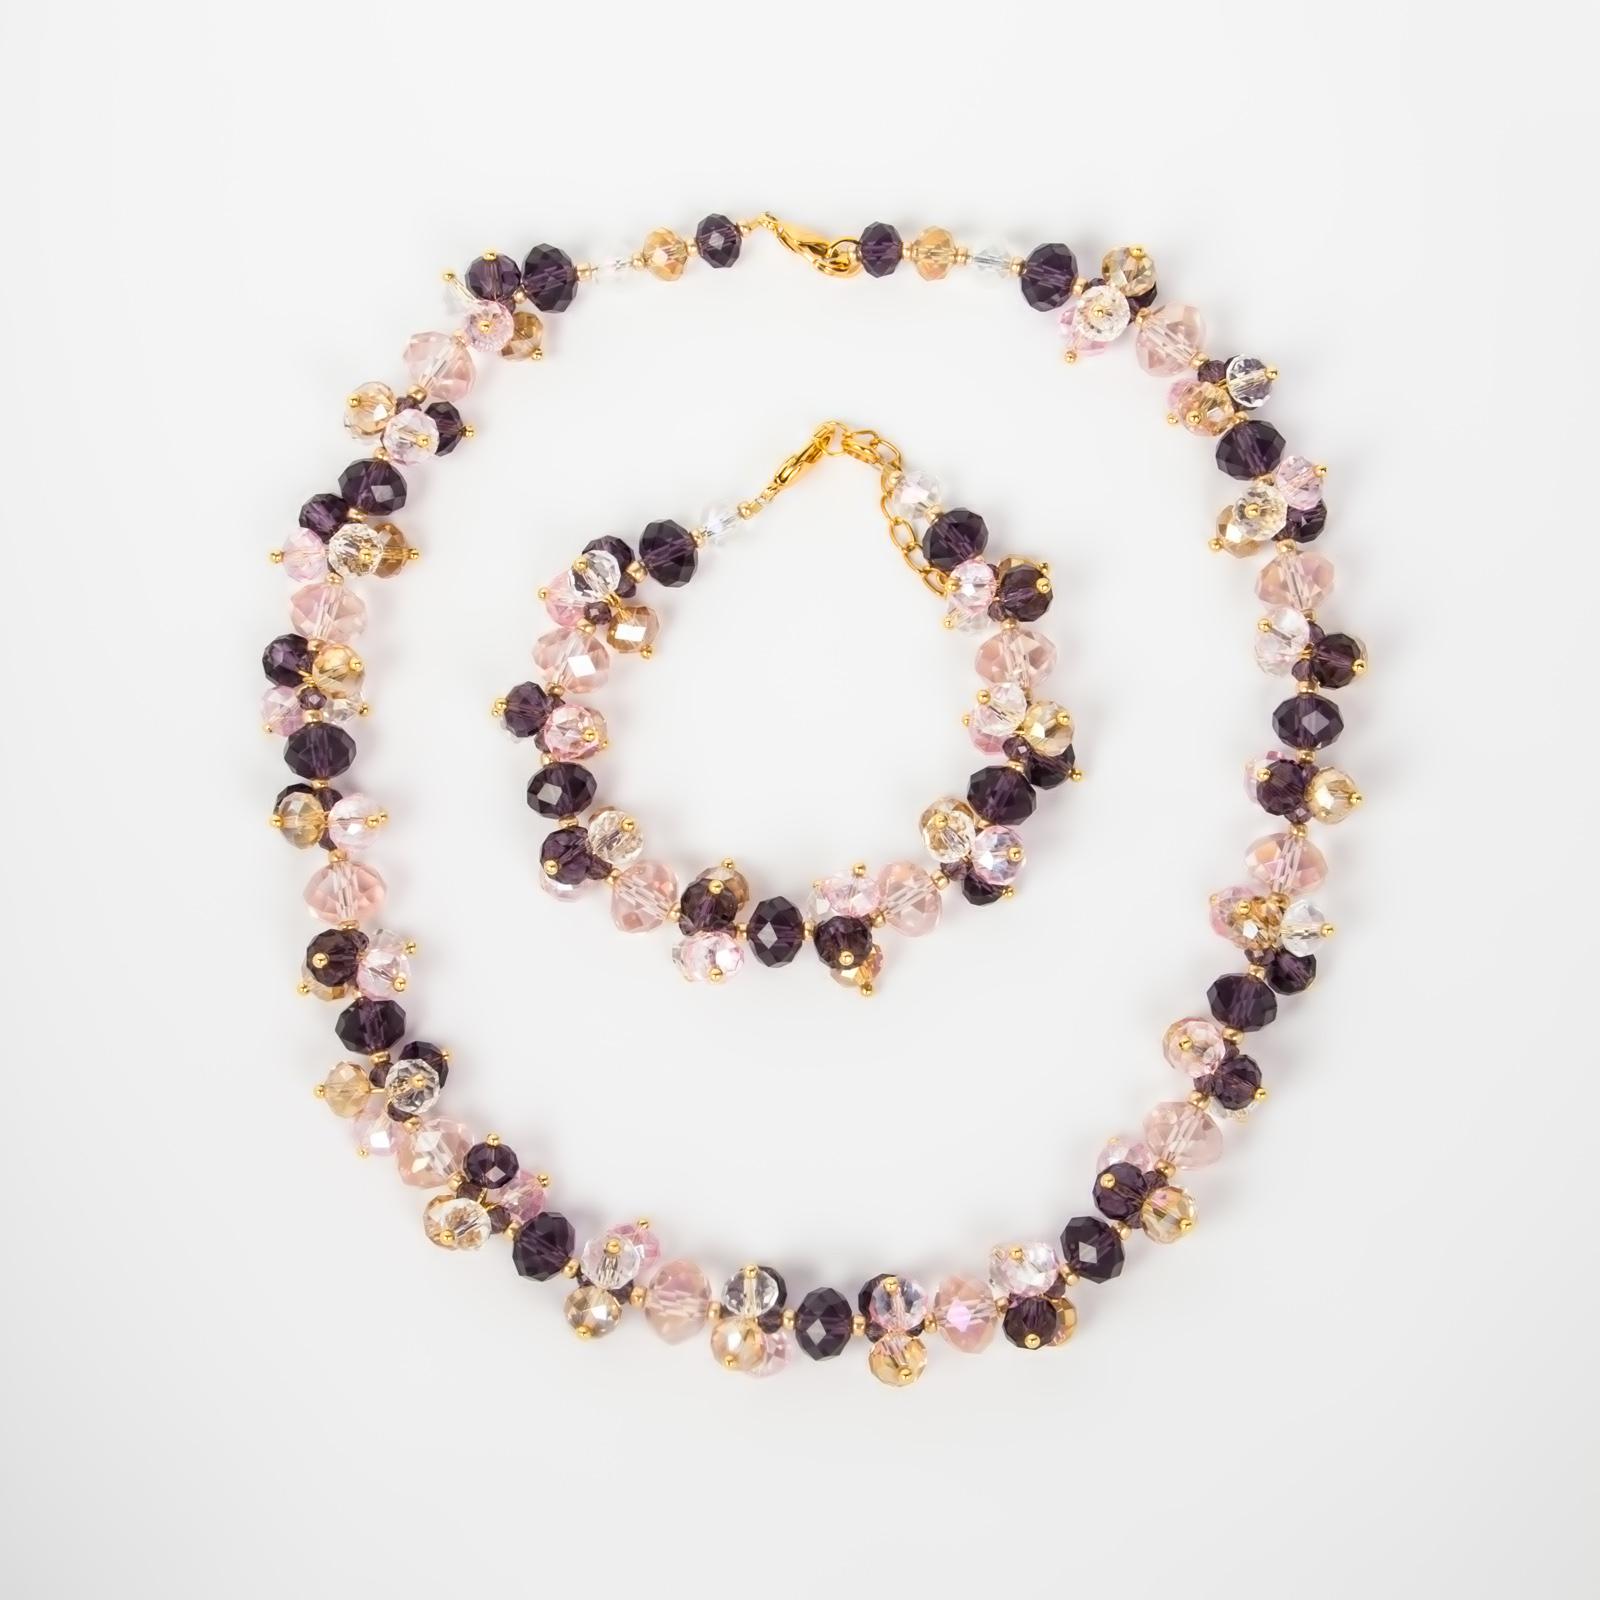 Комплект украшений «Весенний бриз» купить браслет пандора в интернет магазине оригинал